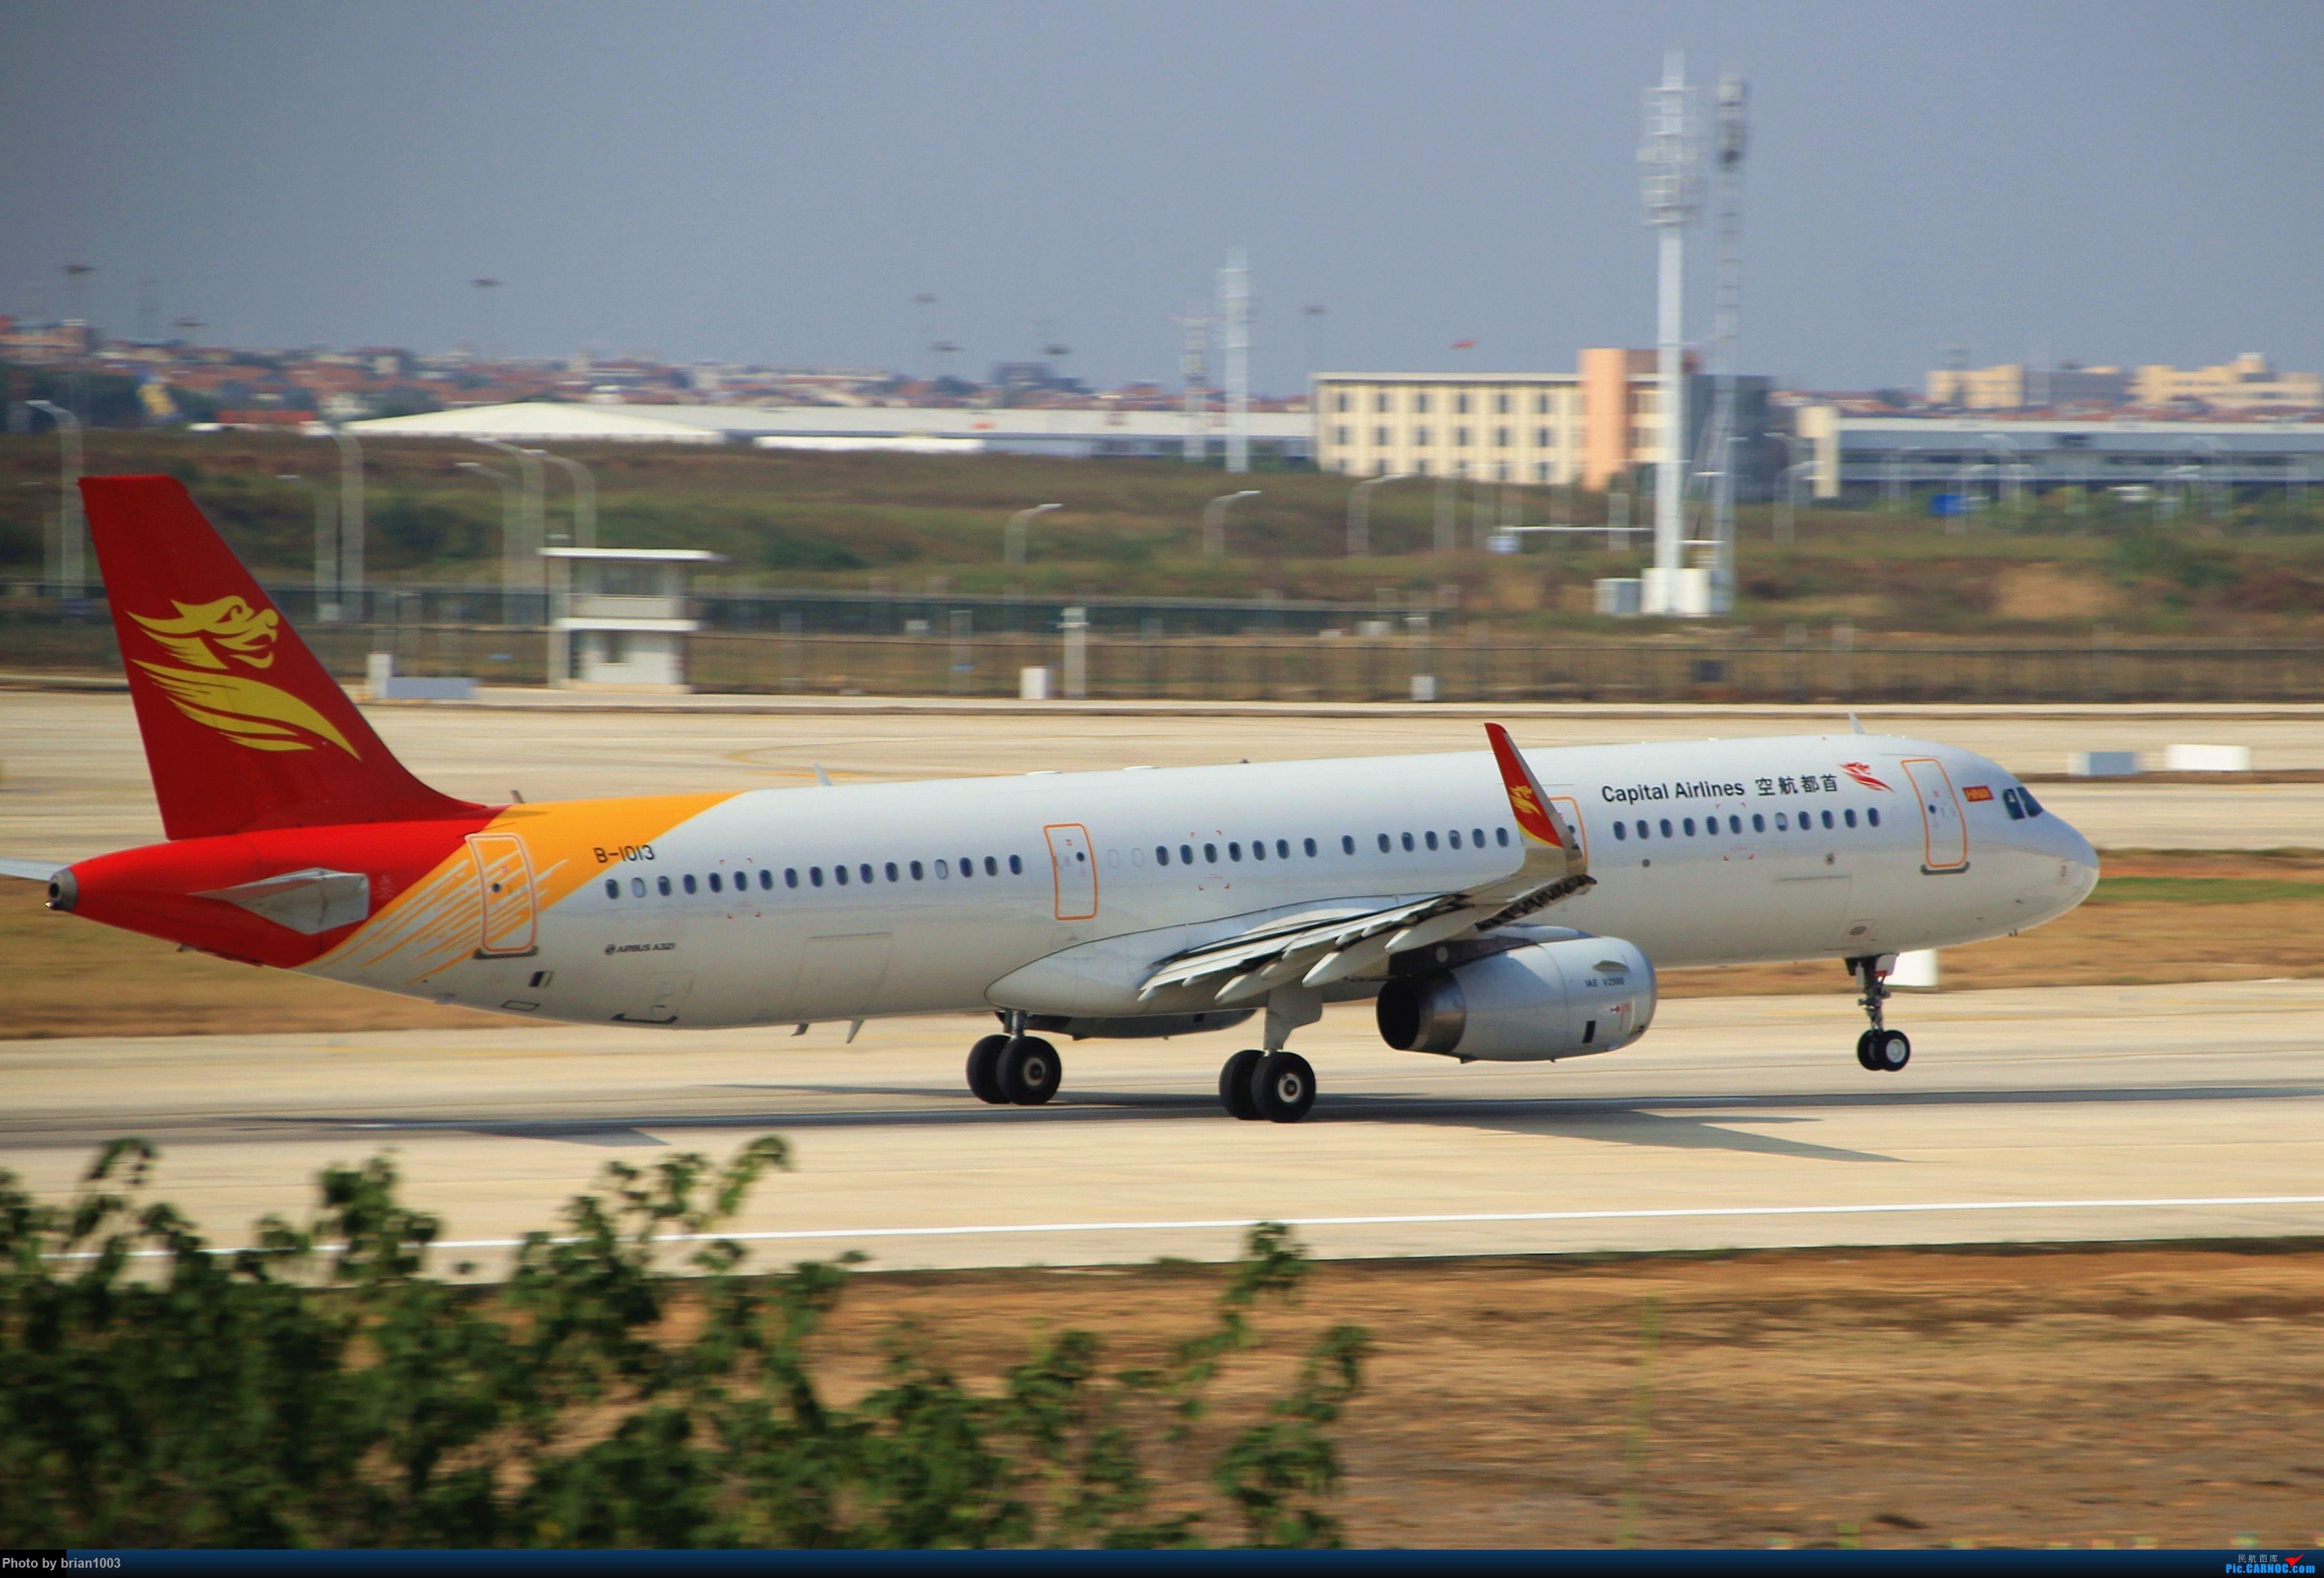 Re:[原创]WUH武汉天河机场拍机之精彩满满的十月(还可能更新) AIRBUS A321-200 B-1013 中国武汉天河国际机场